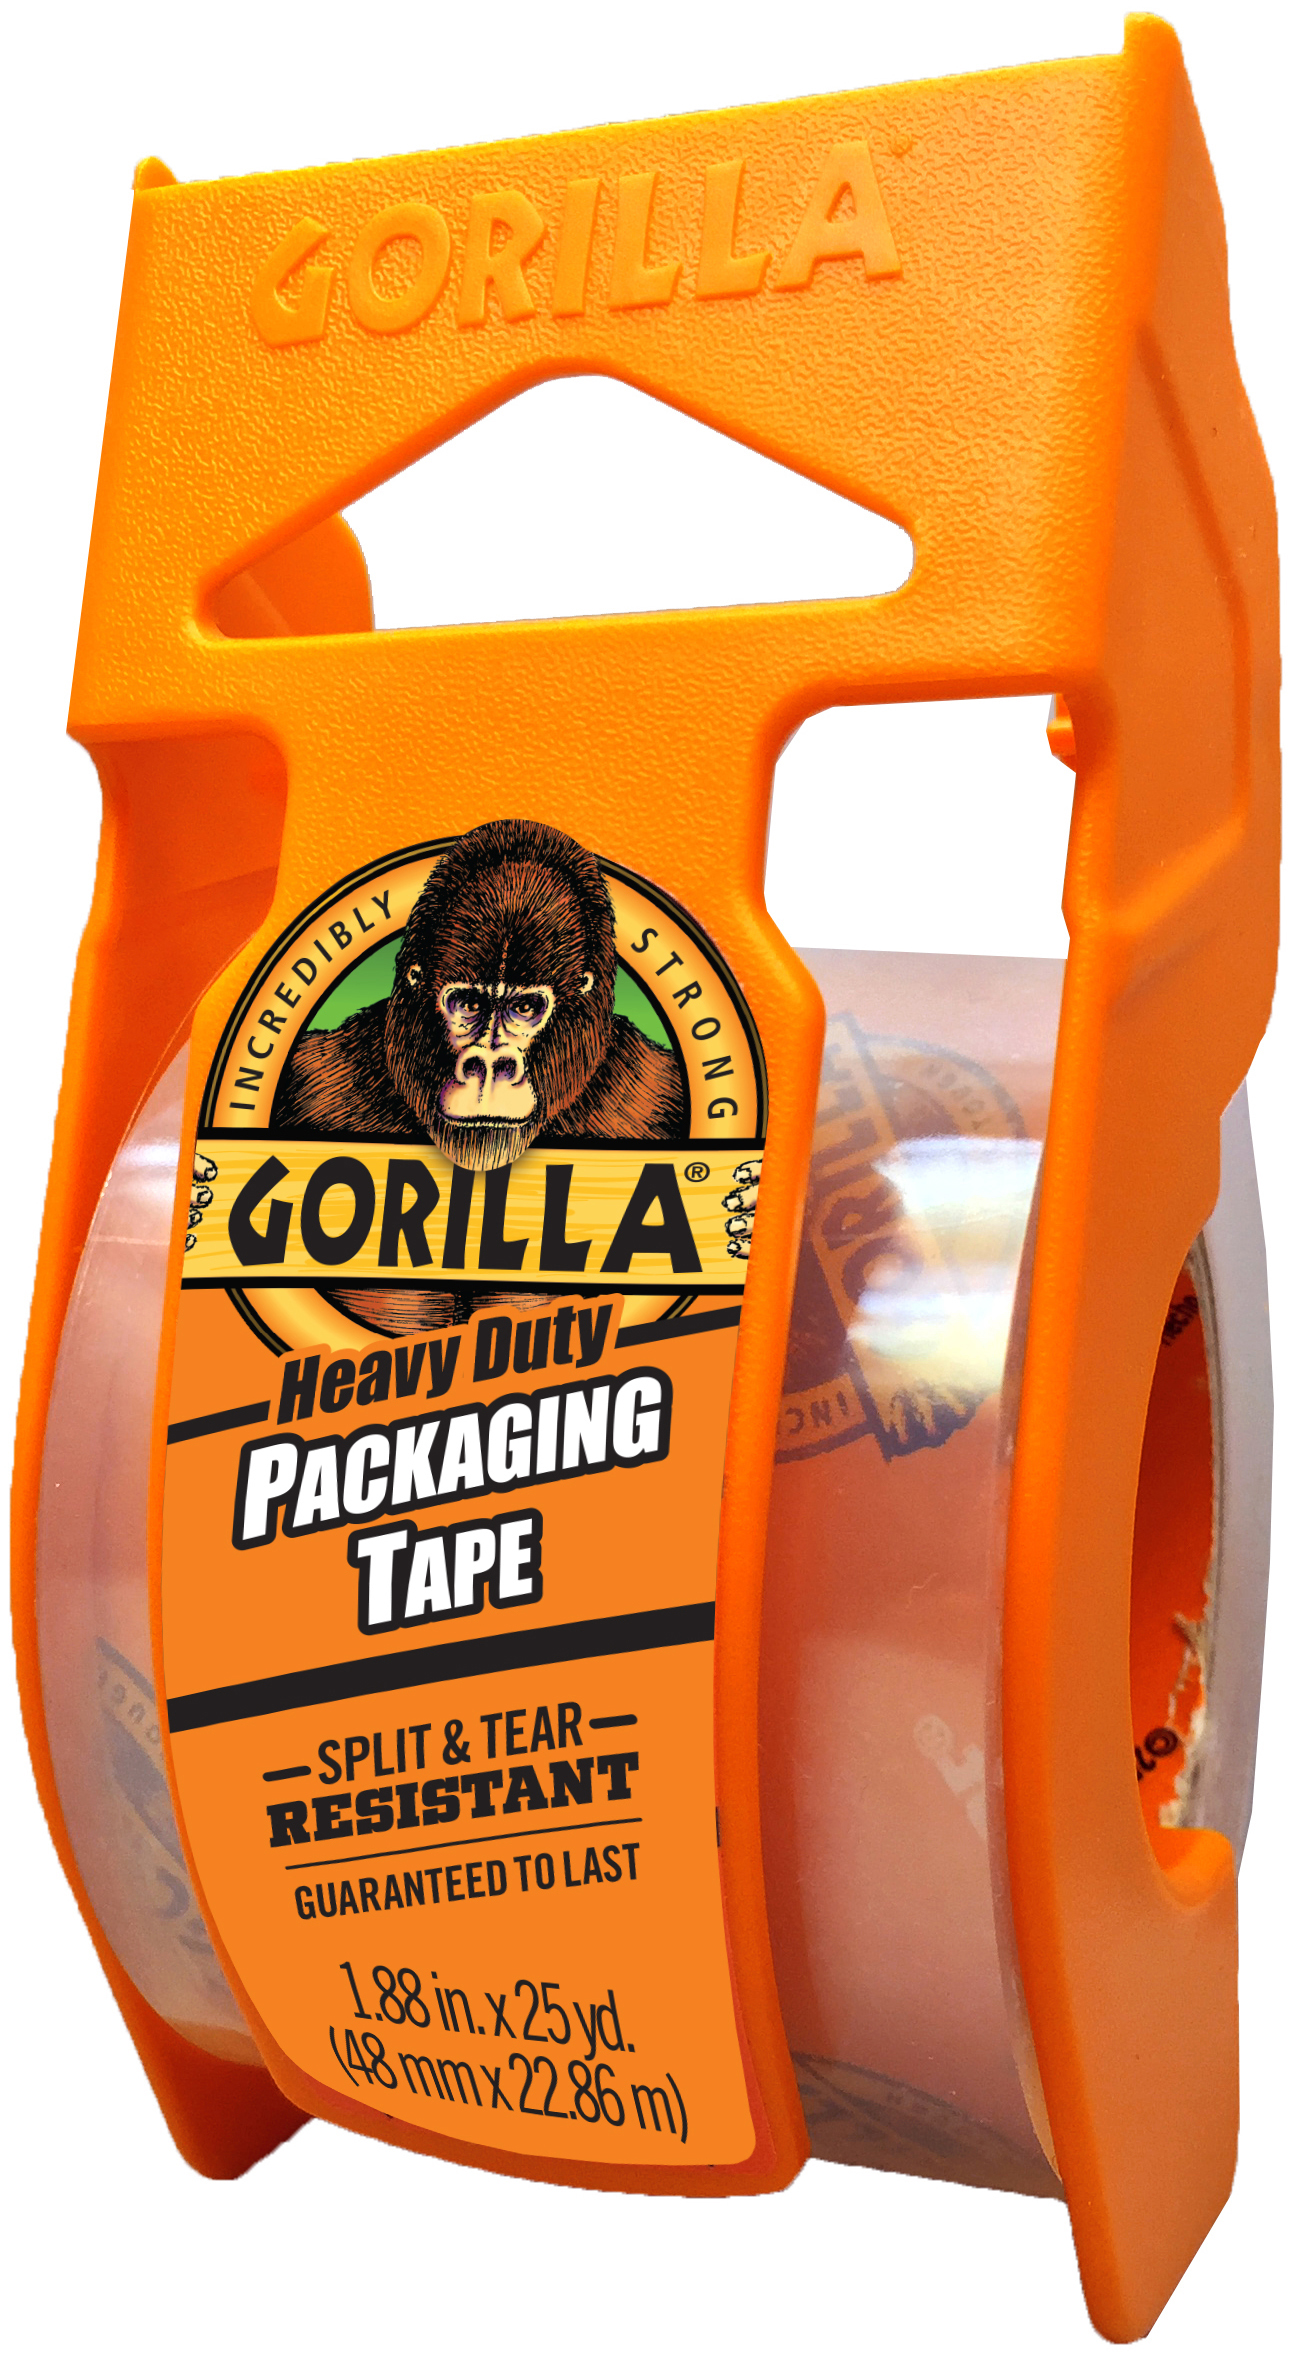 Gorilla Heavy Duty Packaging Tape 1.88X25yd-Mini